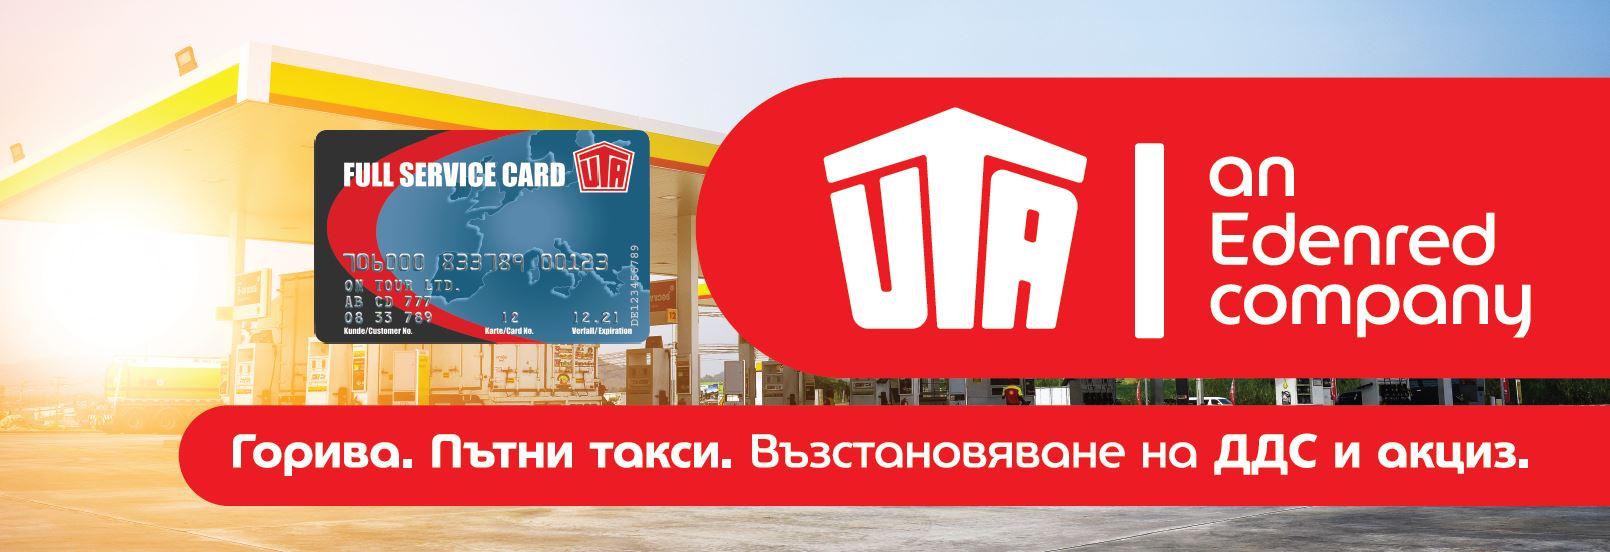 Пътувайте в България и Европа с картите за гориво на UTA